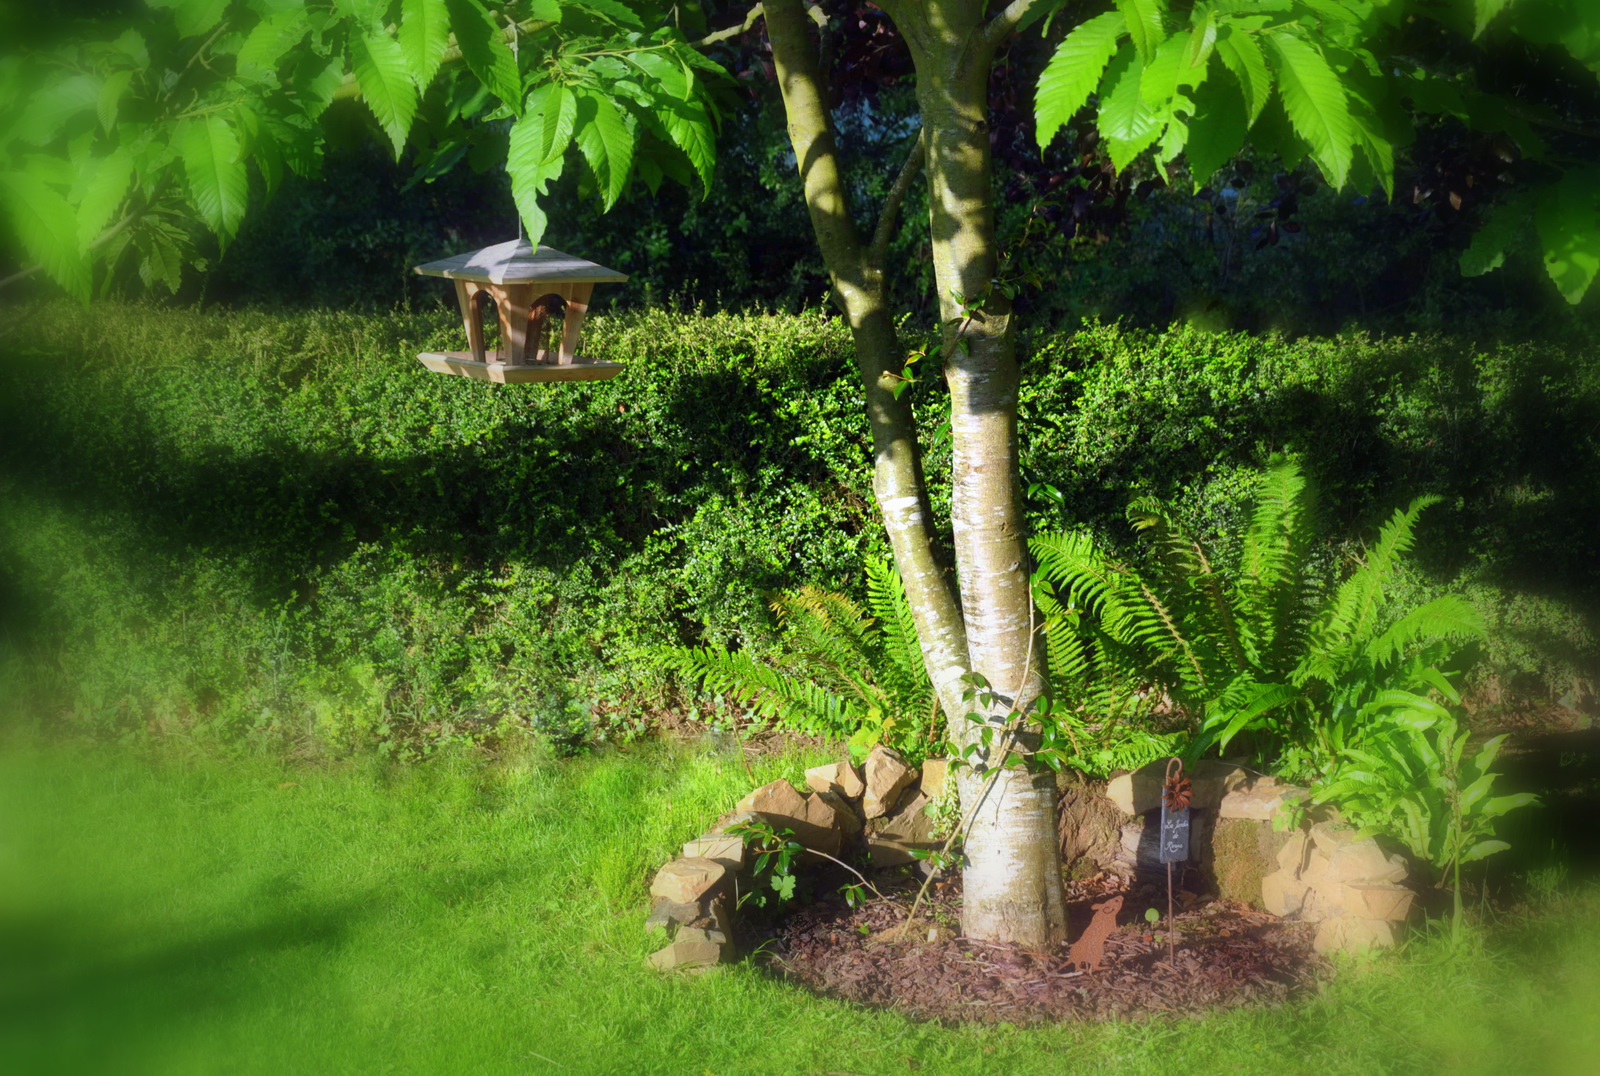 Jardinage cologique conomique sans fatigue for Meilleur site jardinage